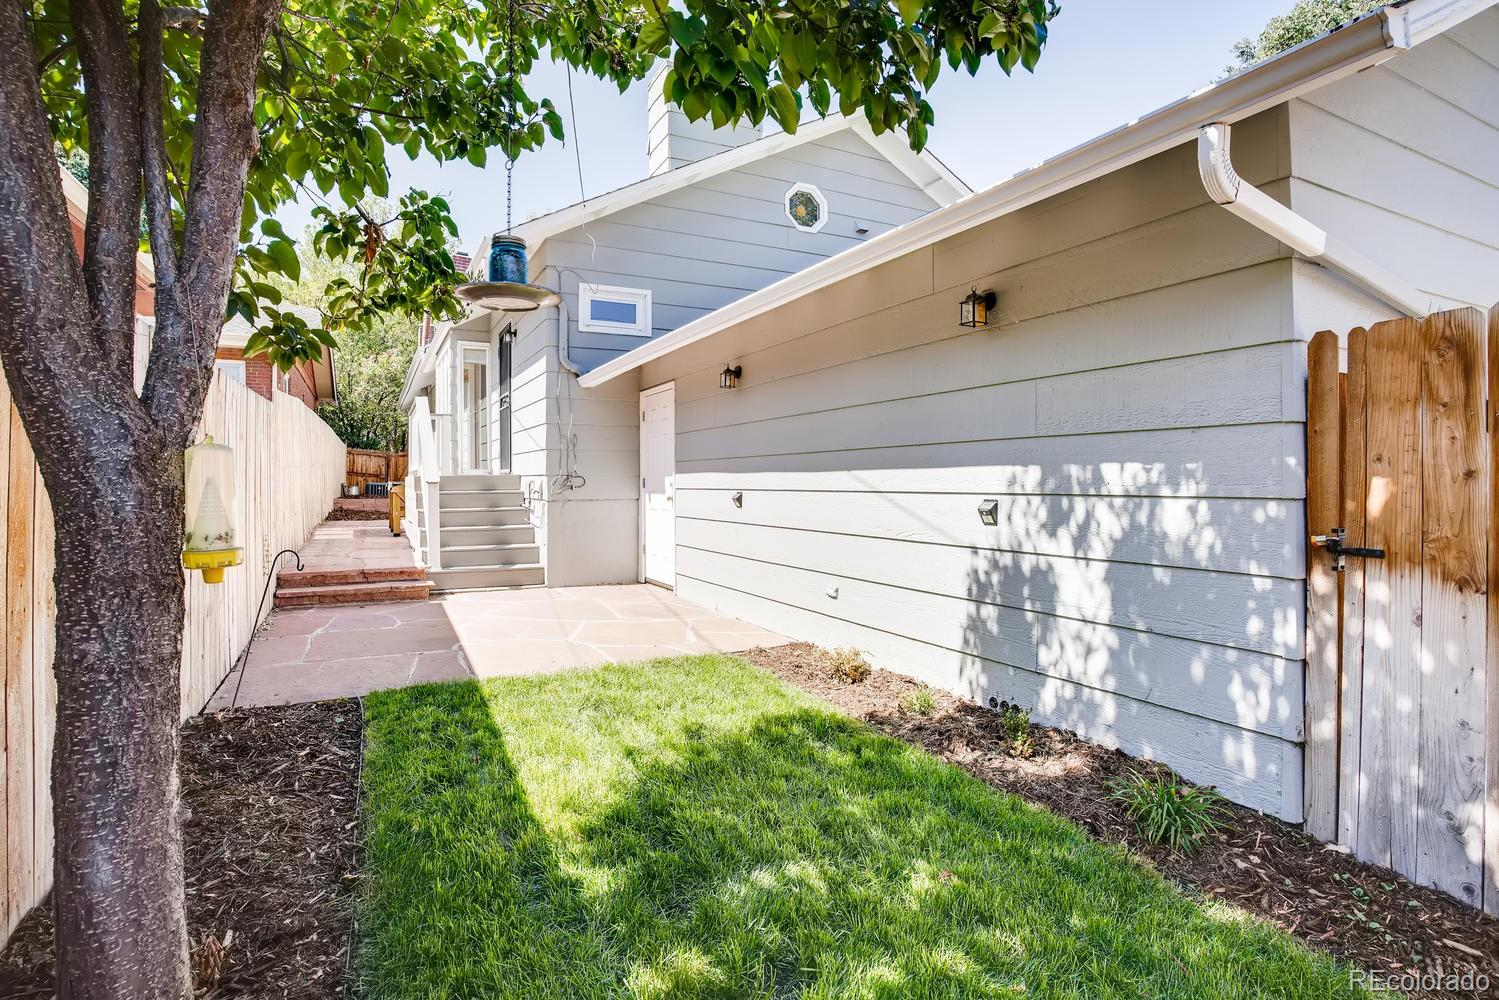 MLS# 4683148 - 22 - 1062 Fillmore Street, Denver, CO 80206